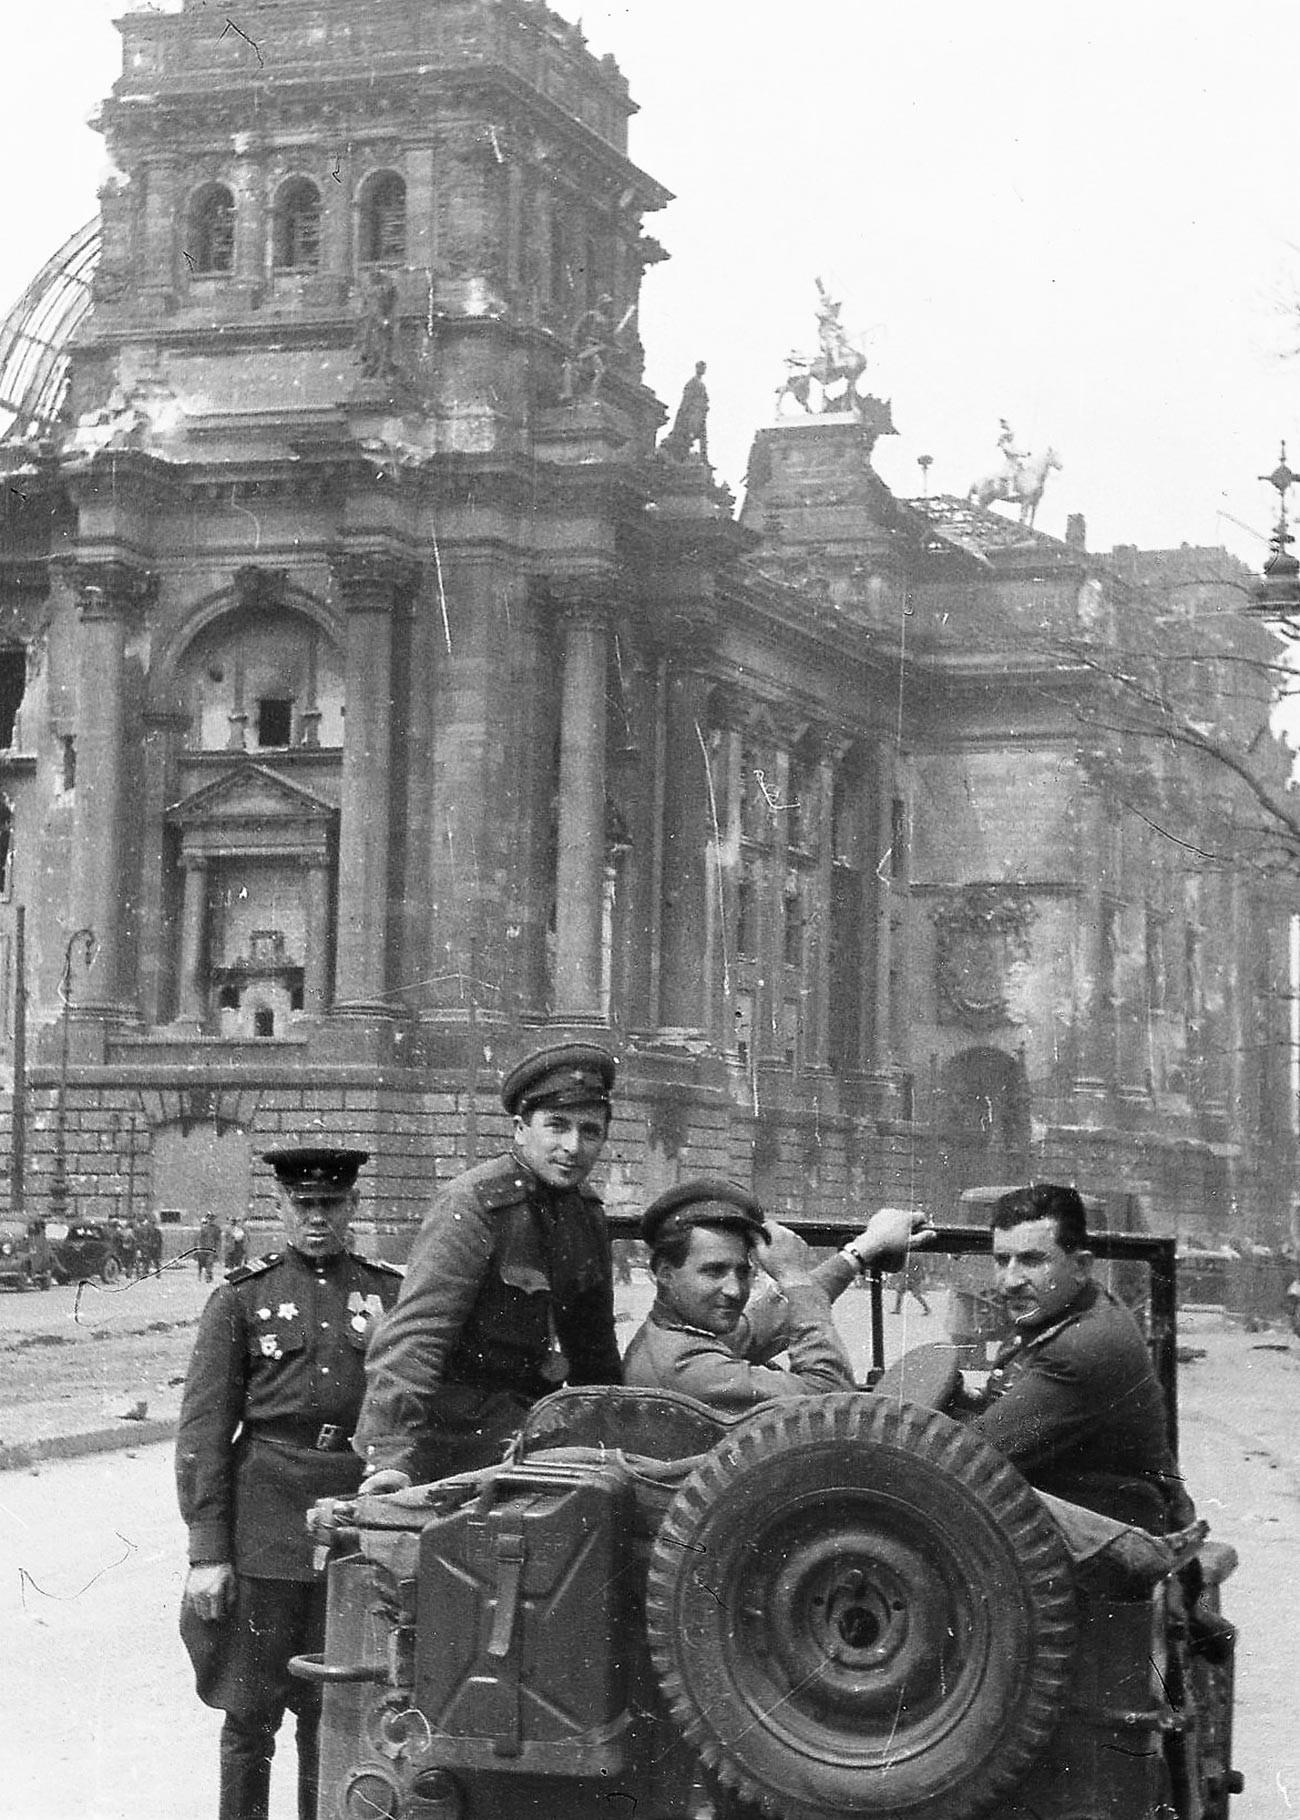 Ilya Arons. Dari kiri ke kanan: Mayor Jenderal Matvey Vayntrub, penulis Konstantin Simonov, dan videografer Ilya Arons. Di gedung Reichstag, Berlin, 1945.